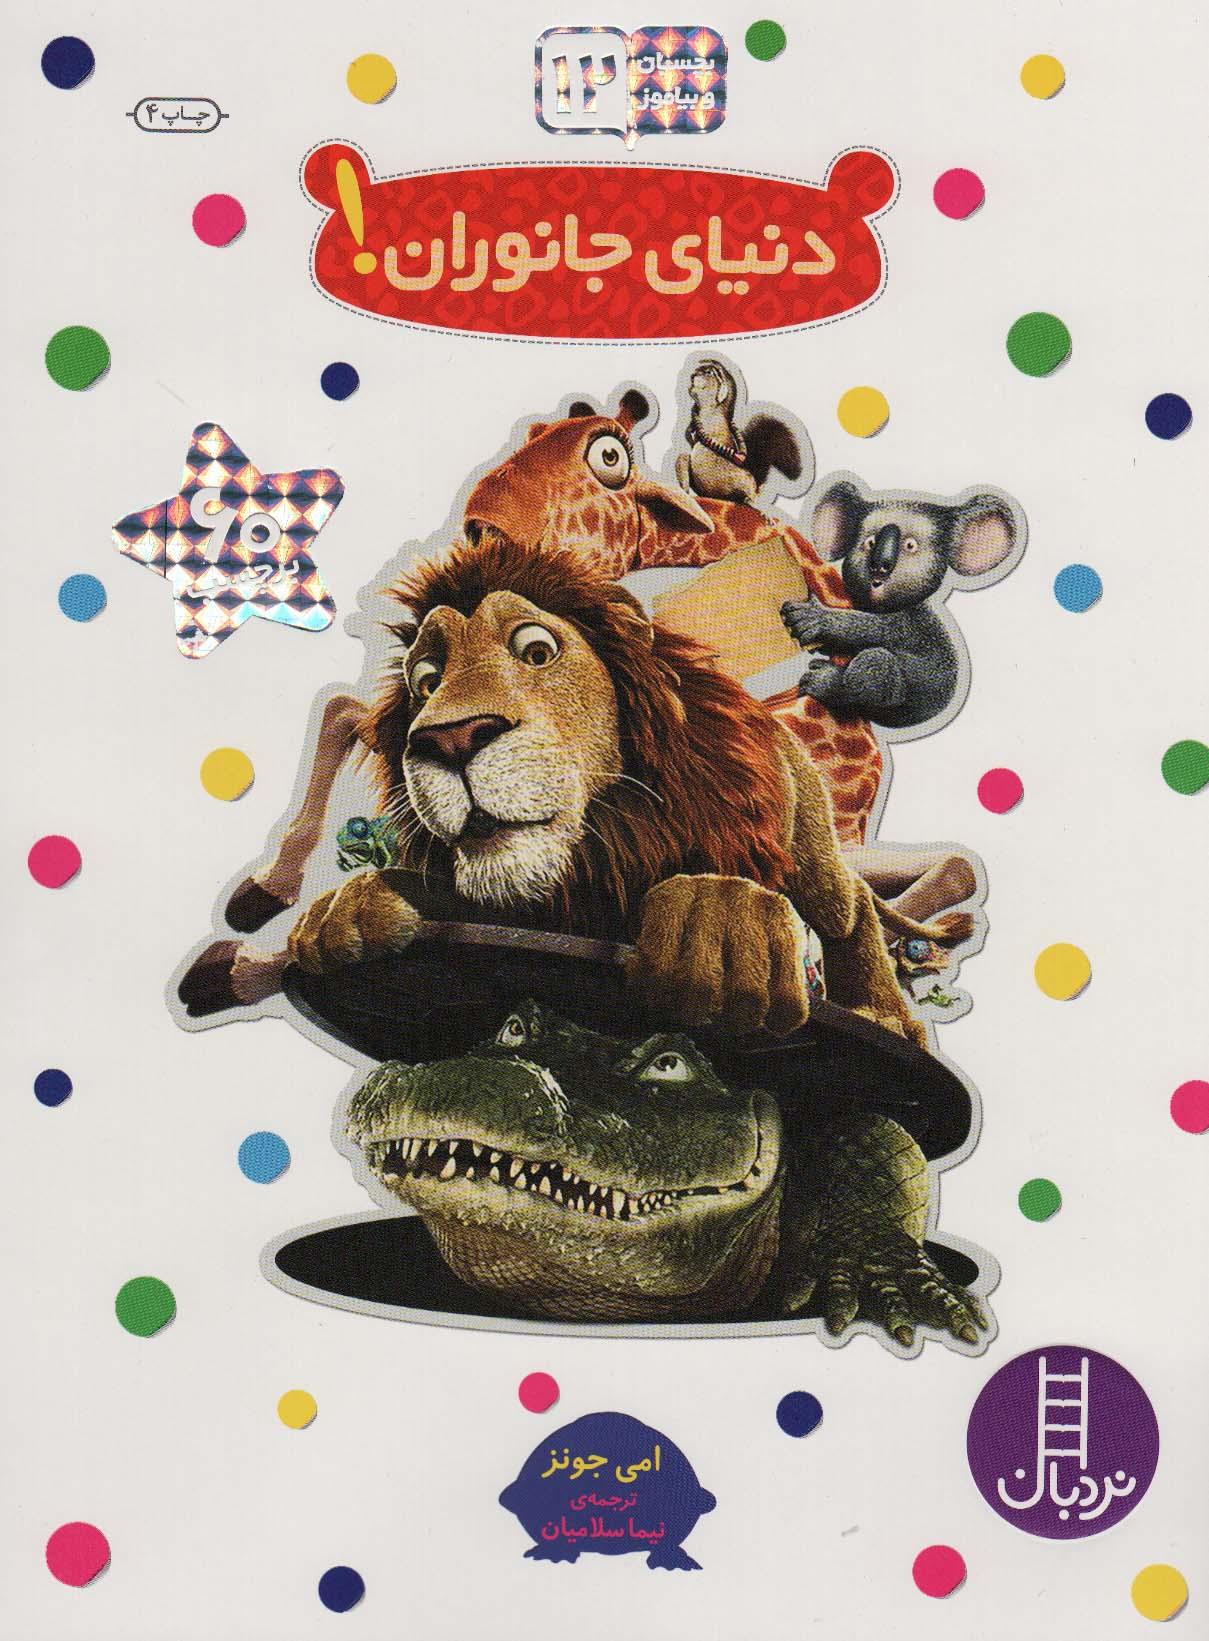 دنیای جانوران! (بچسبان و بیاموز12)،(گلاسه)